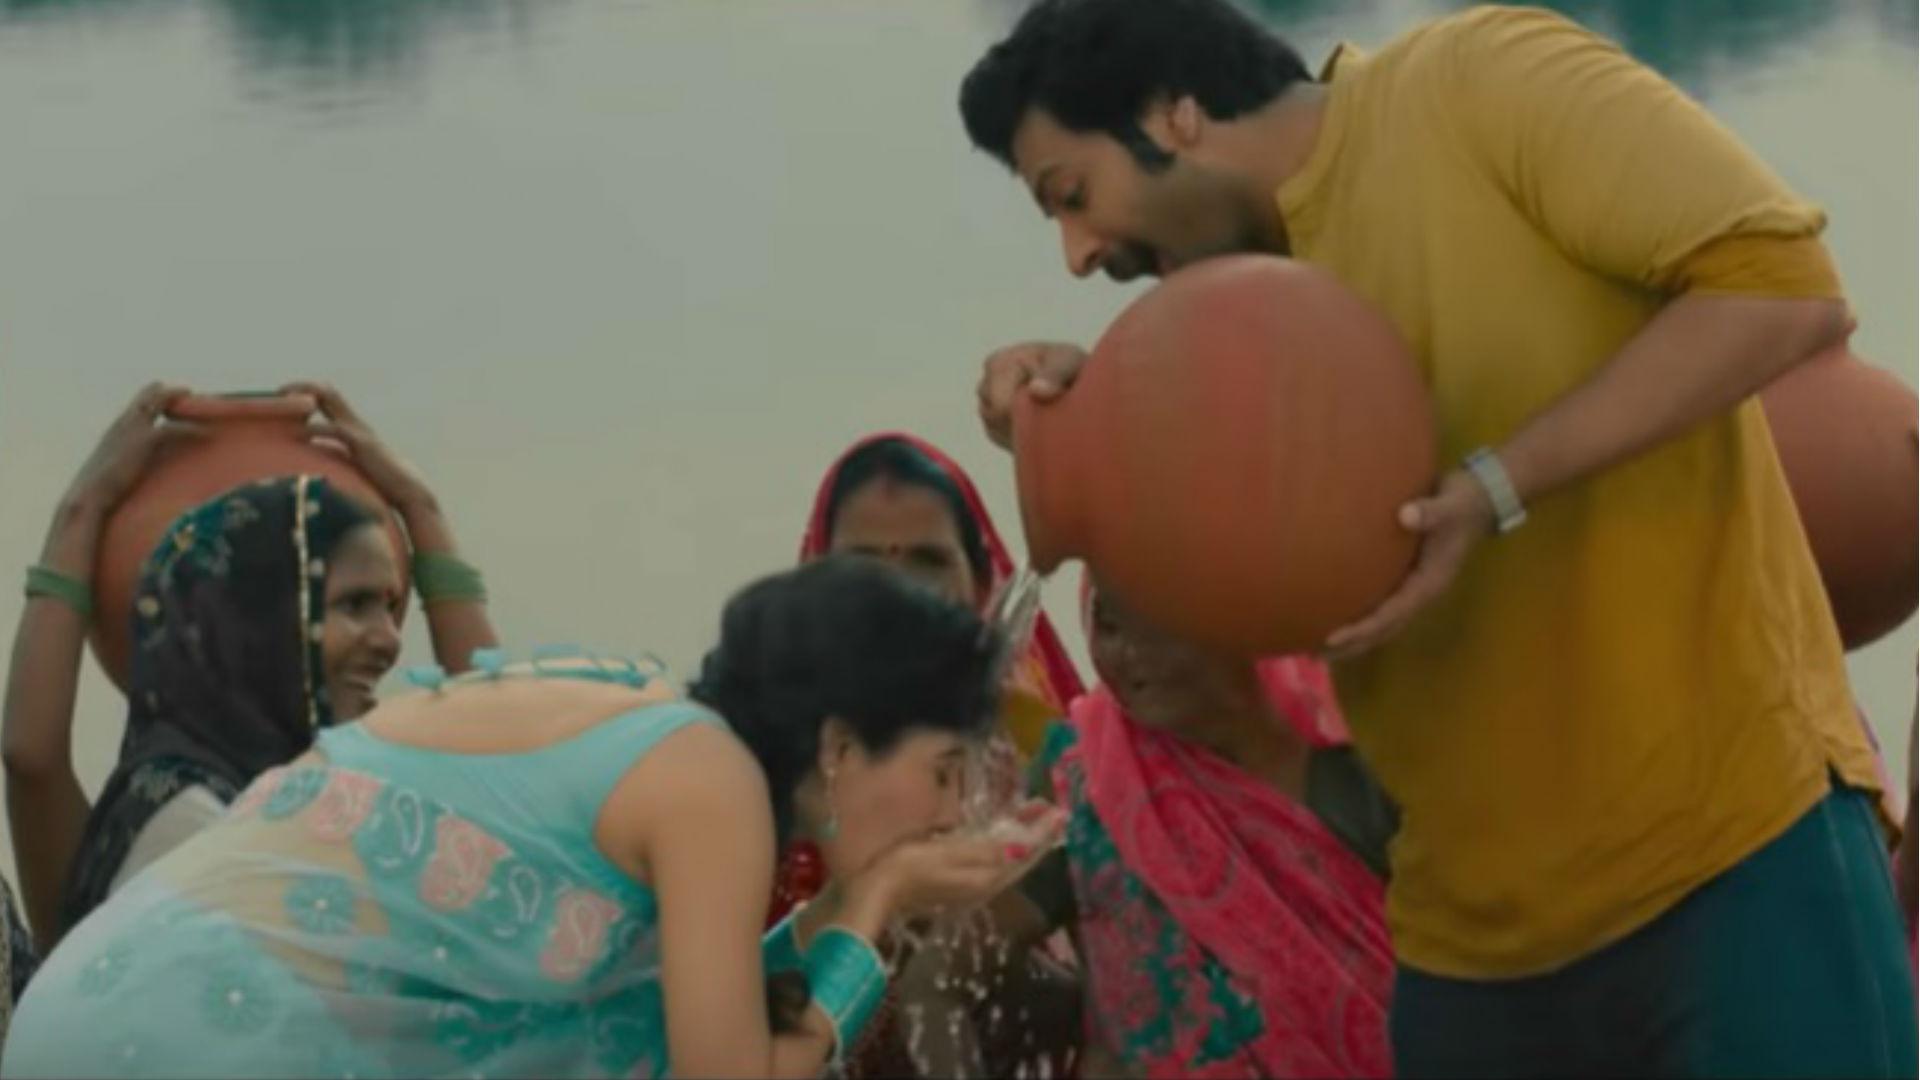 Dil Dariyan Song: फिल्म प्रस्थानम का दिलदारियां सॉन्ग रिलीज, लाजवाब दिखी अली फजल-अमायरा दस्तूर की केमिस्ट्री